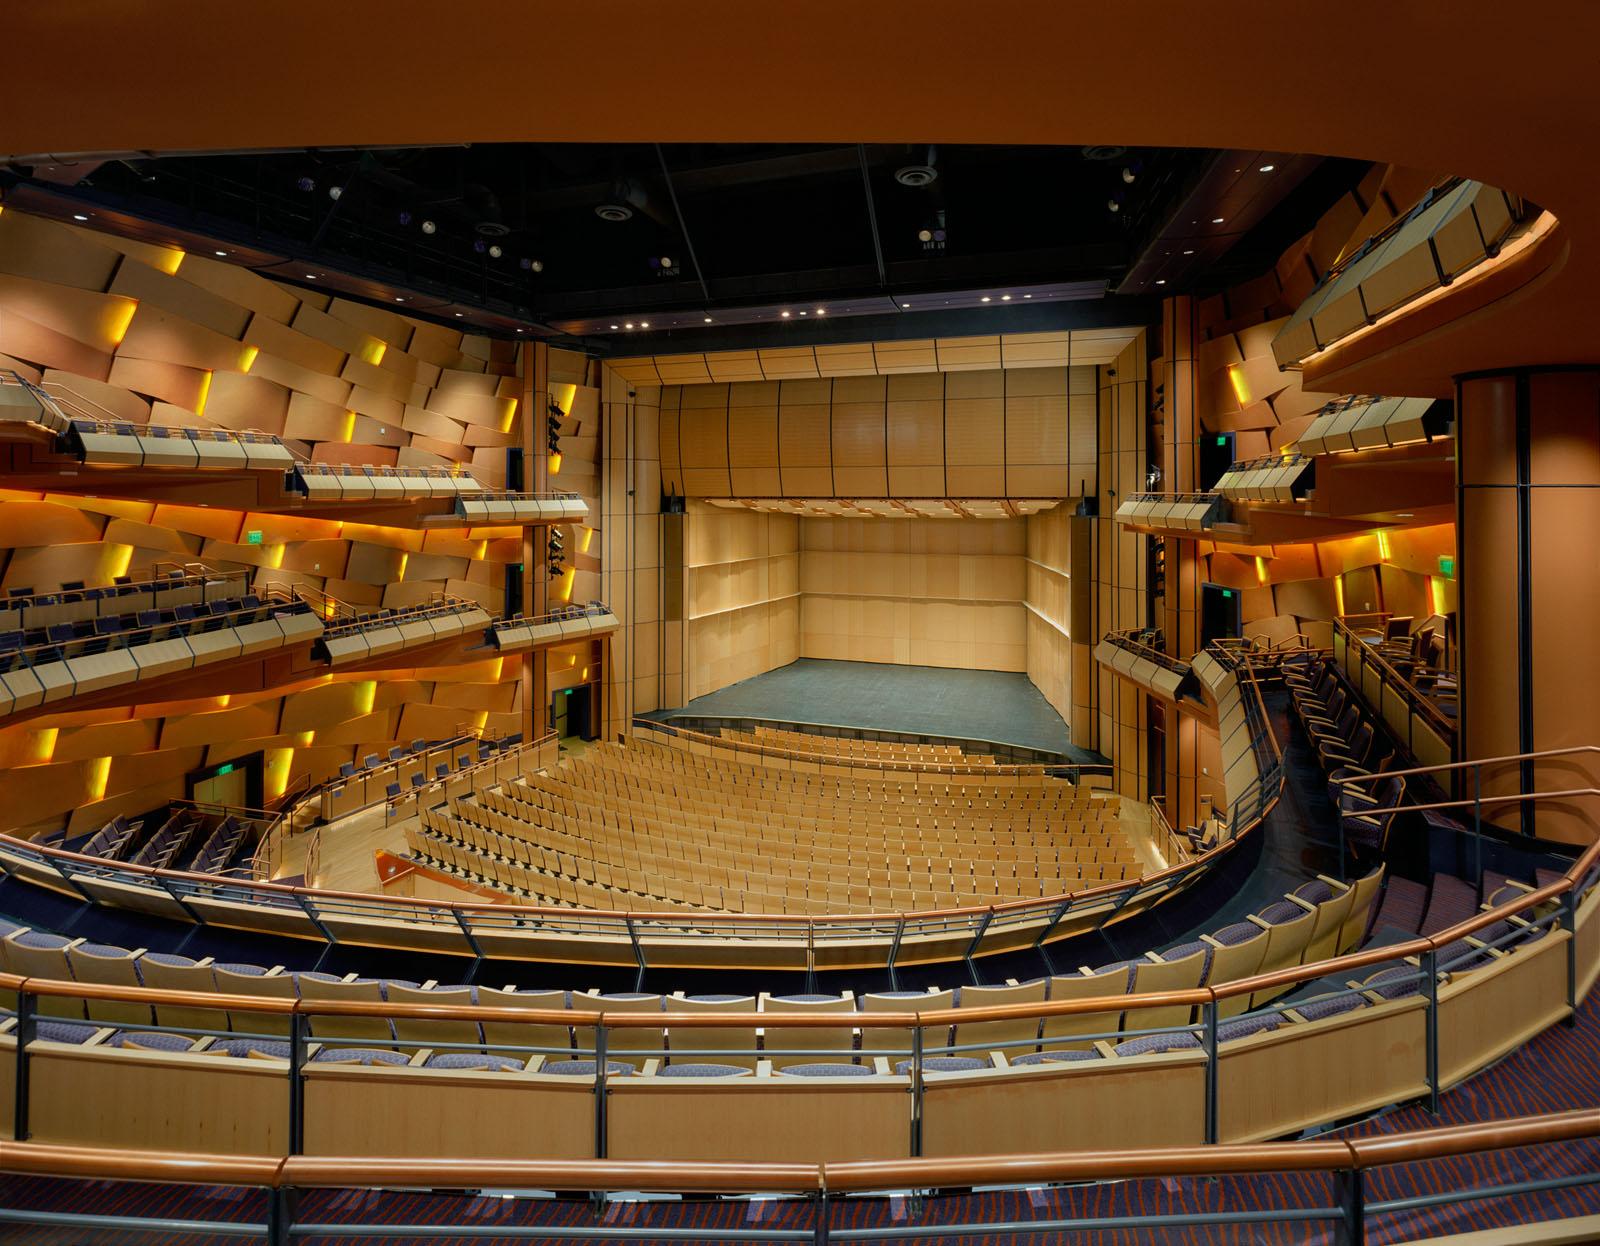 Mesa Arts Center  Bora